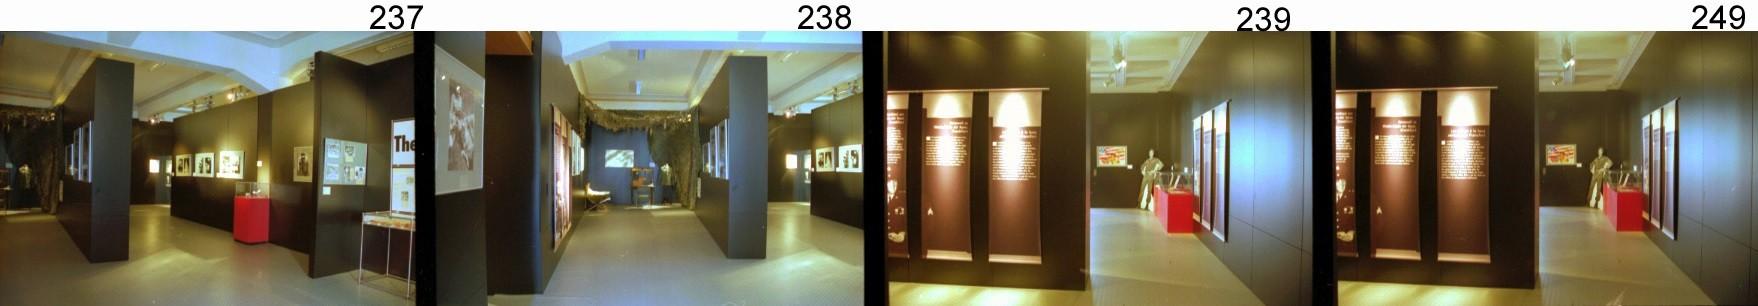 Fotos Elvis-Ausstellung im DB Museum 2008: Andreas Majehrke, Fotosammlung DB Museum (DBM S AM), Deutsche Bahn Stiftung gGmbH